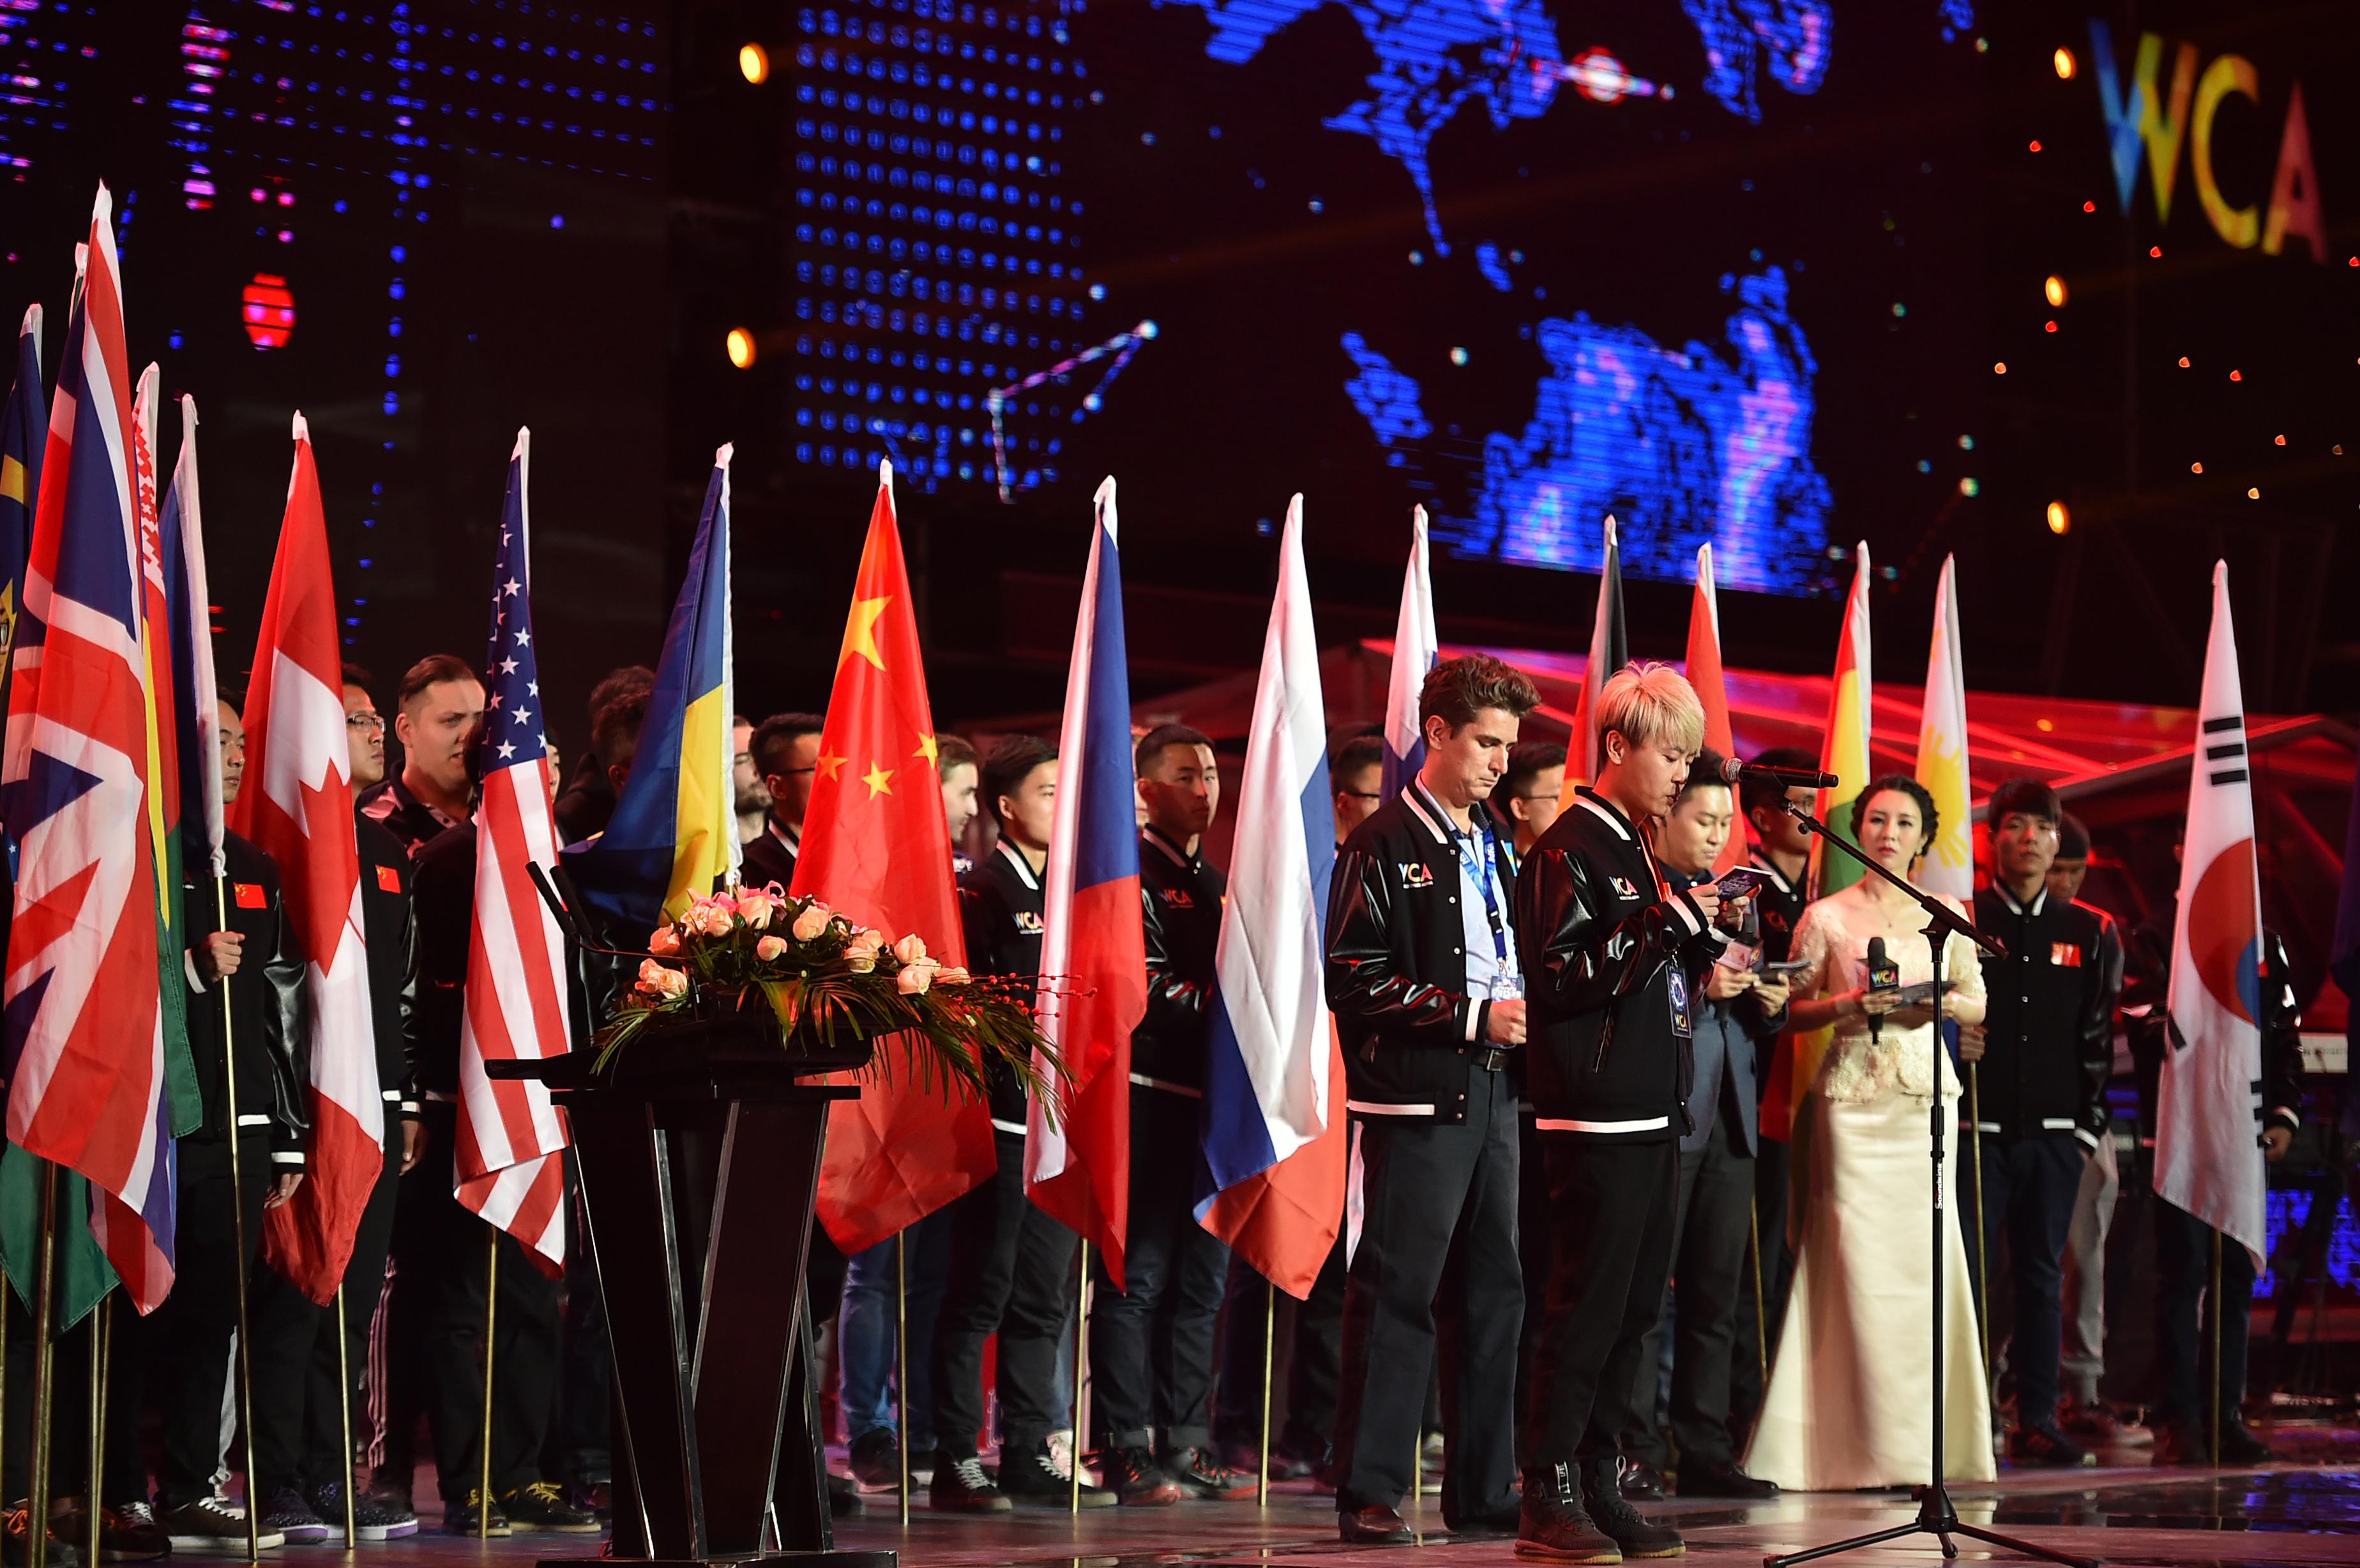 ↑参赛运动员代表在进行宣誓